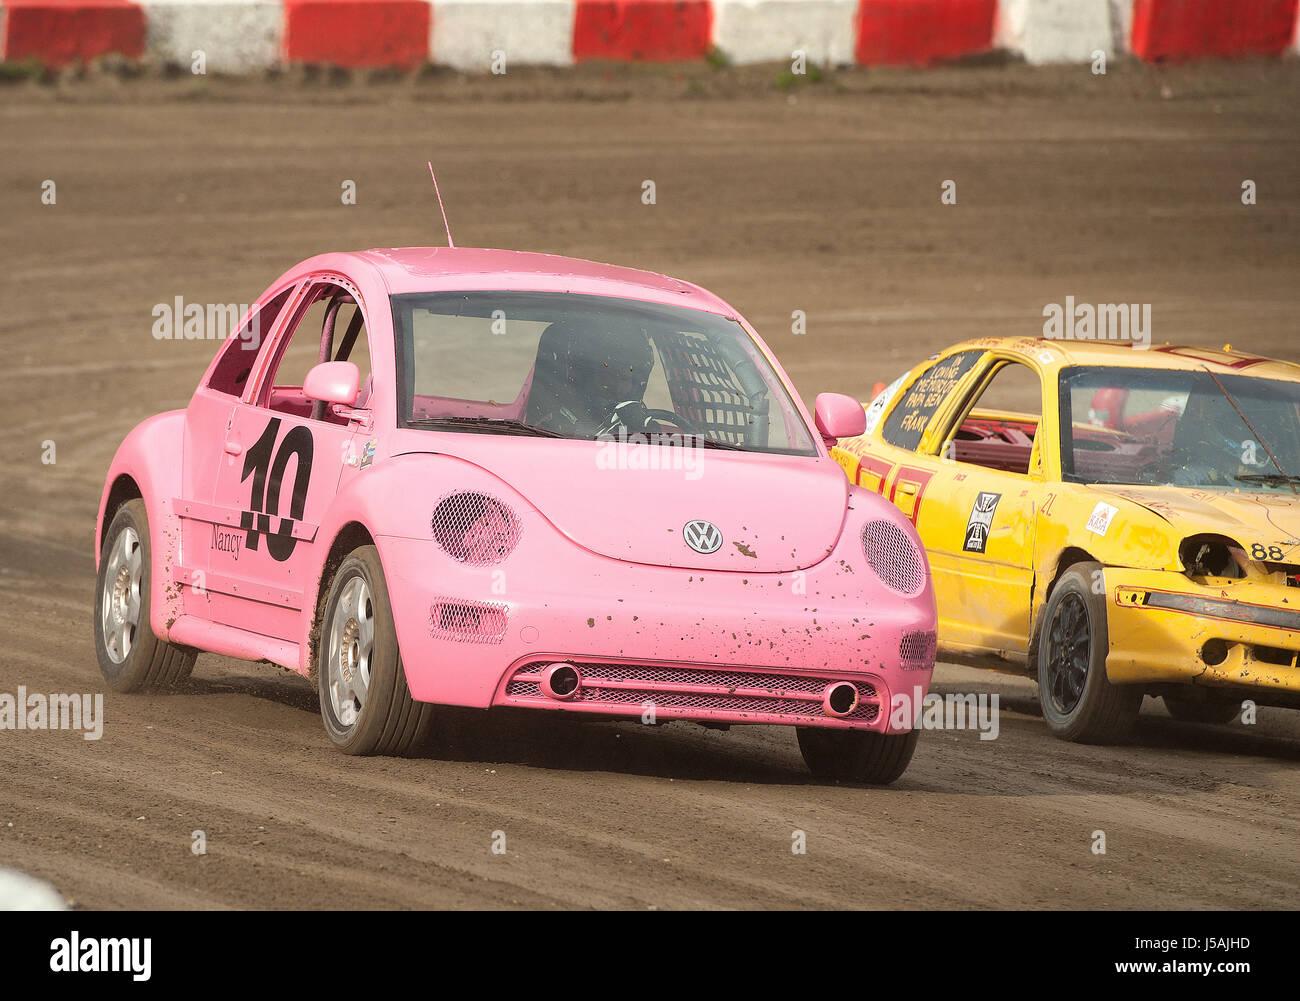 Kleine Stadt Dirt-Track Stock-Car-Rennen.  Hausgemachte Rennwagen auf einem Feldweg.  Pemberton BC, Kanada Stockbild